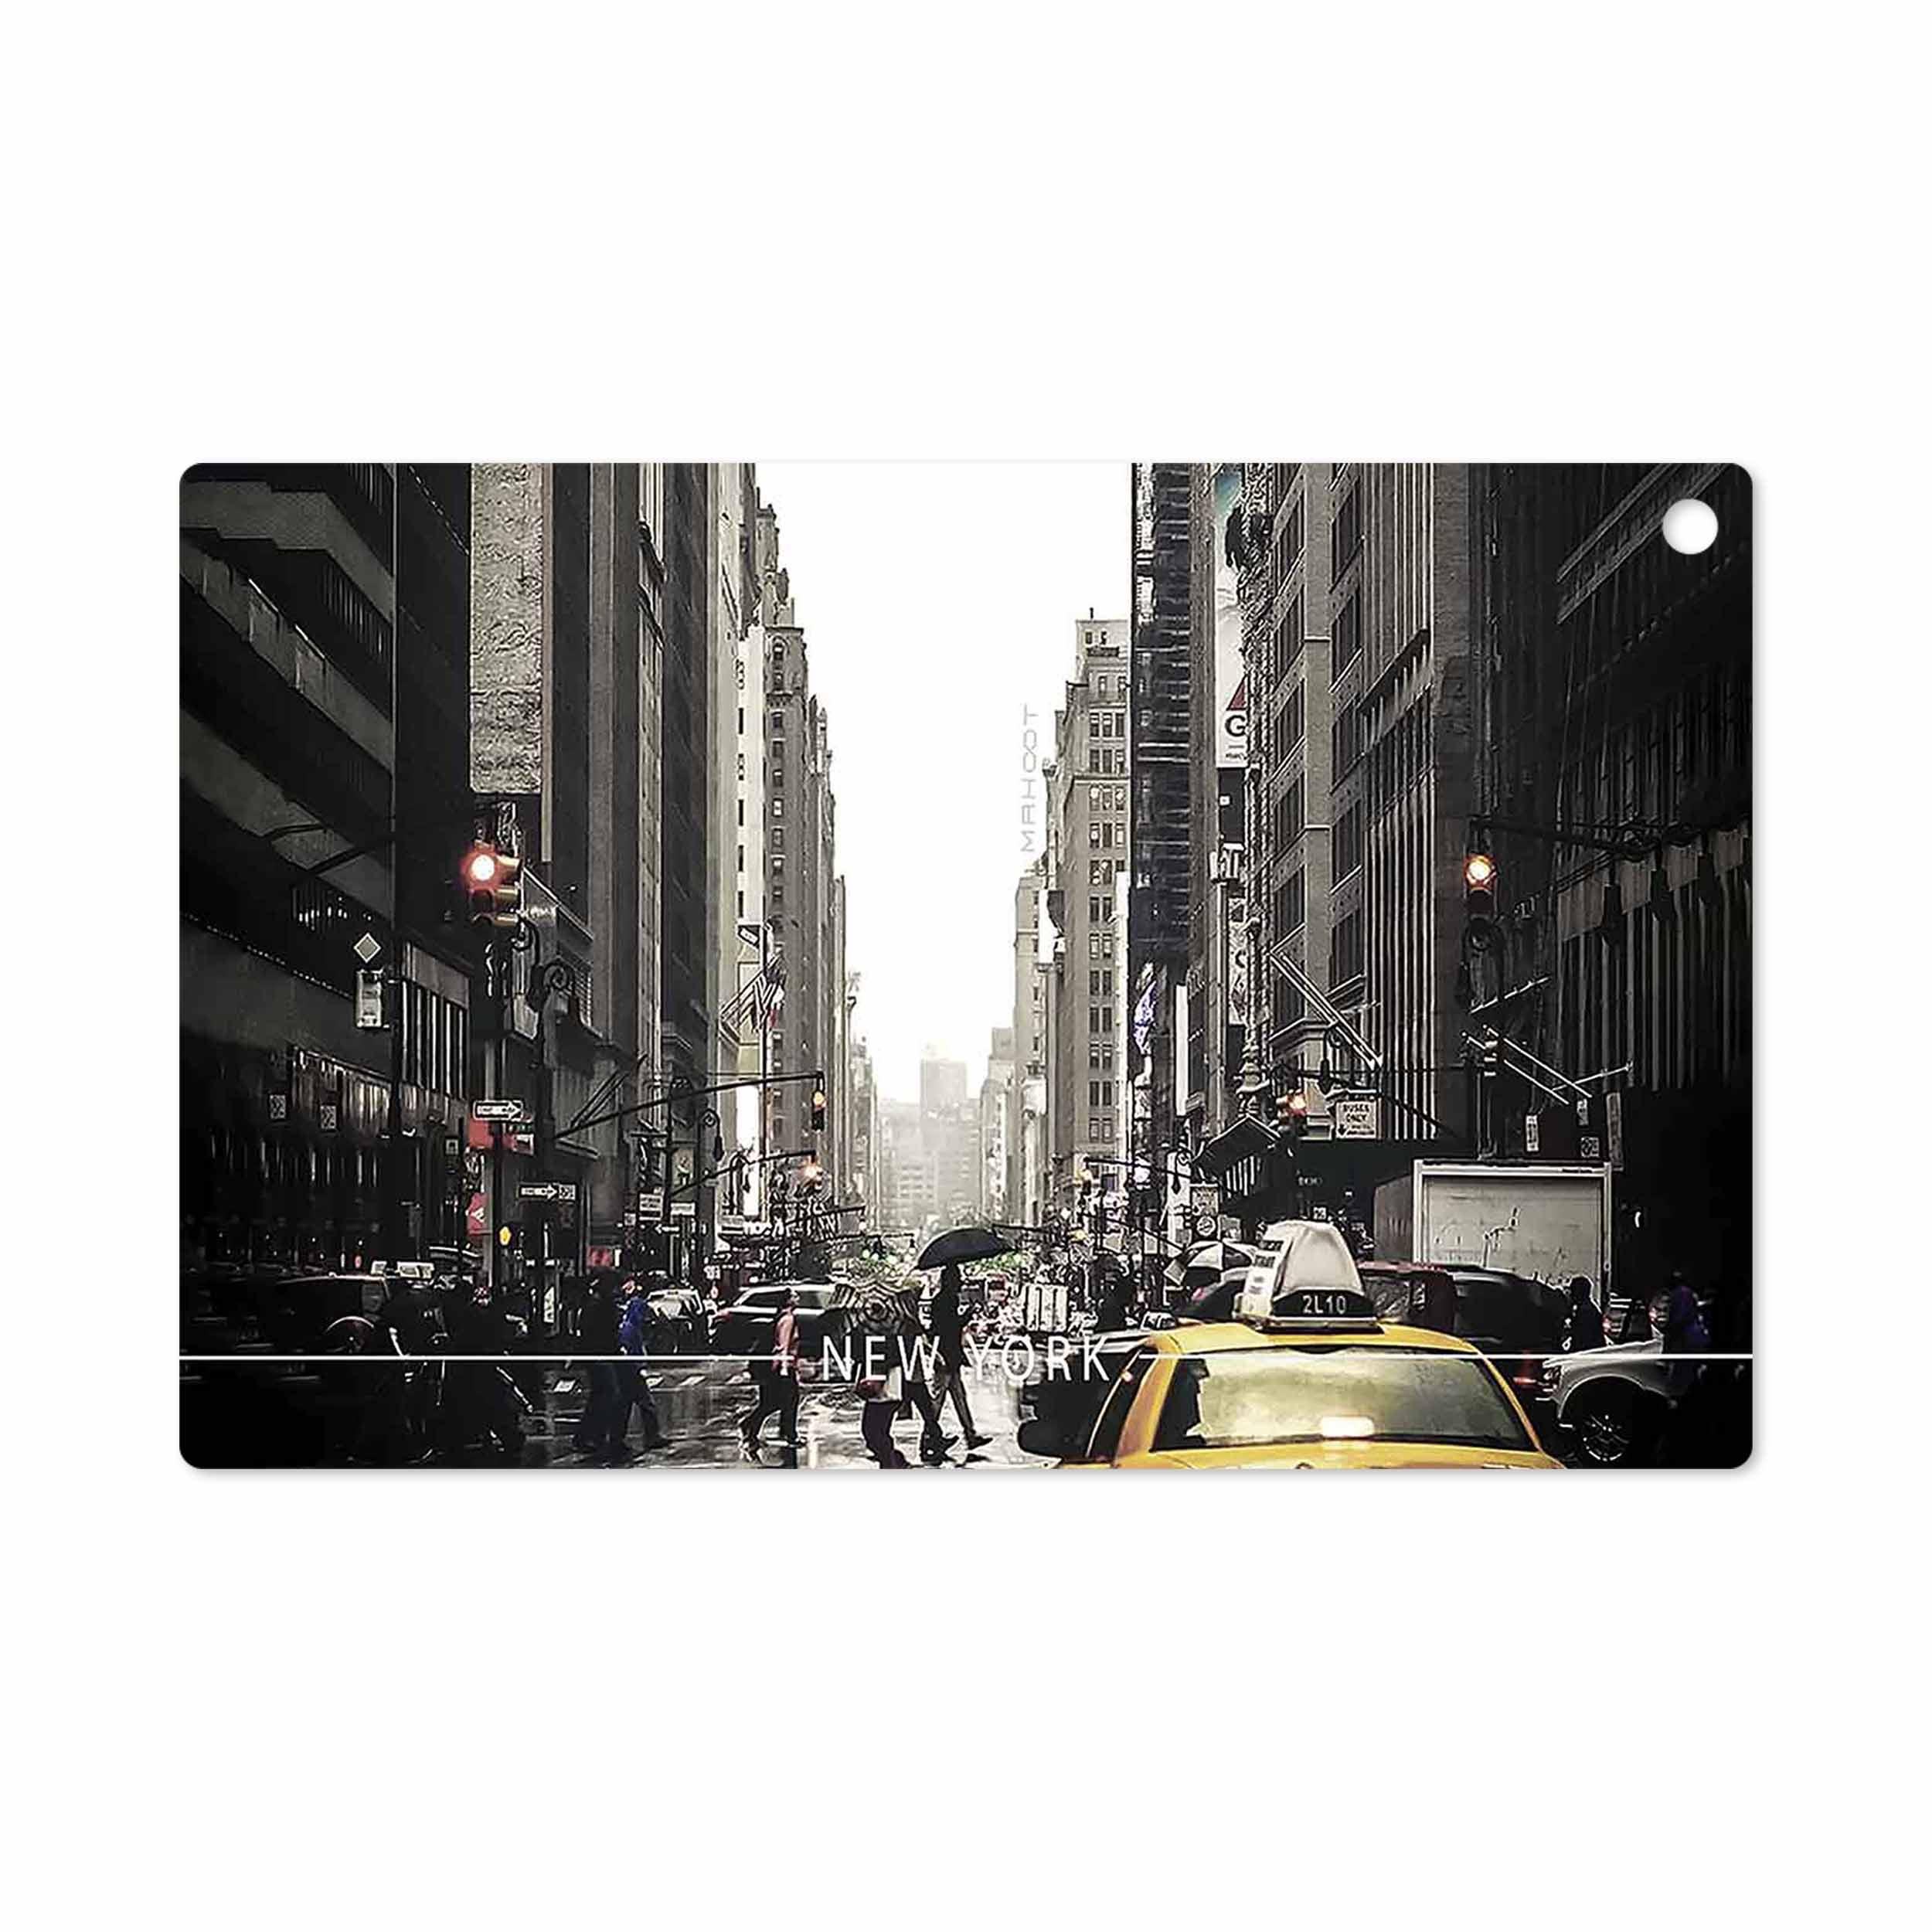 بررسی و خرید [با تخفیف]                                     برچسب پوششی ماهوت مدل New York City مناسب برای تبلت سونی Xperia Tablet Z LTE 2013                             اورجینال